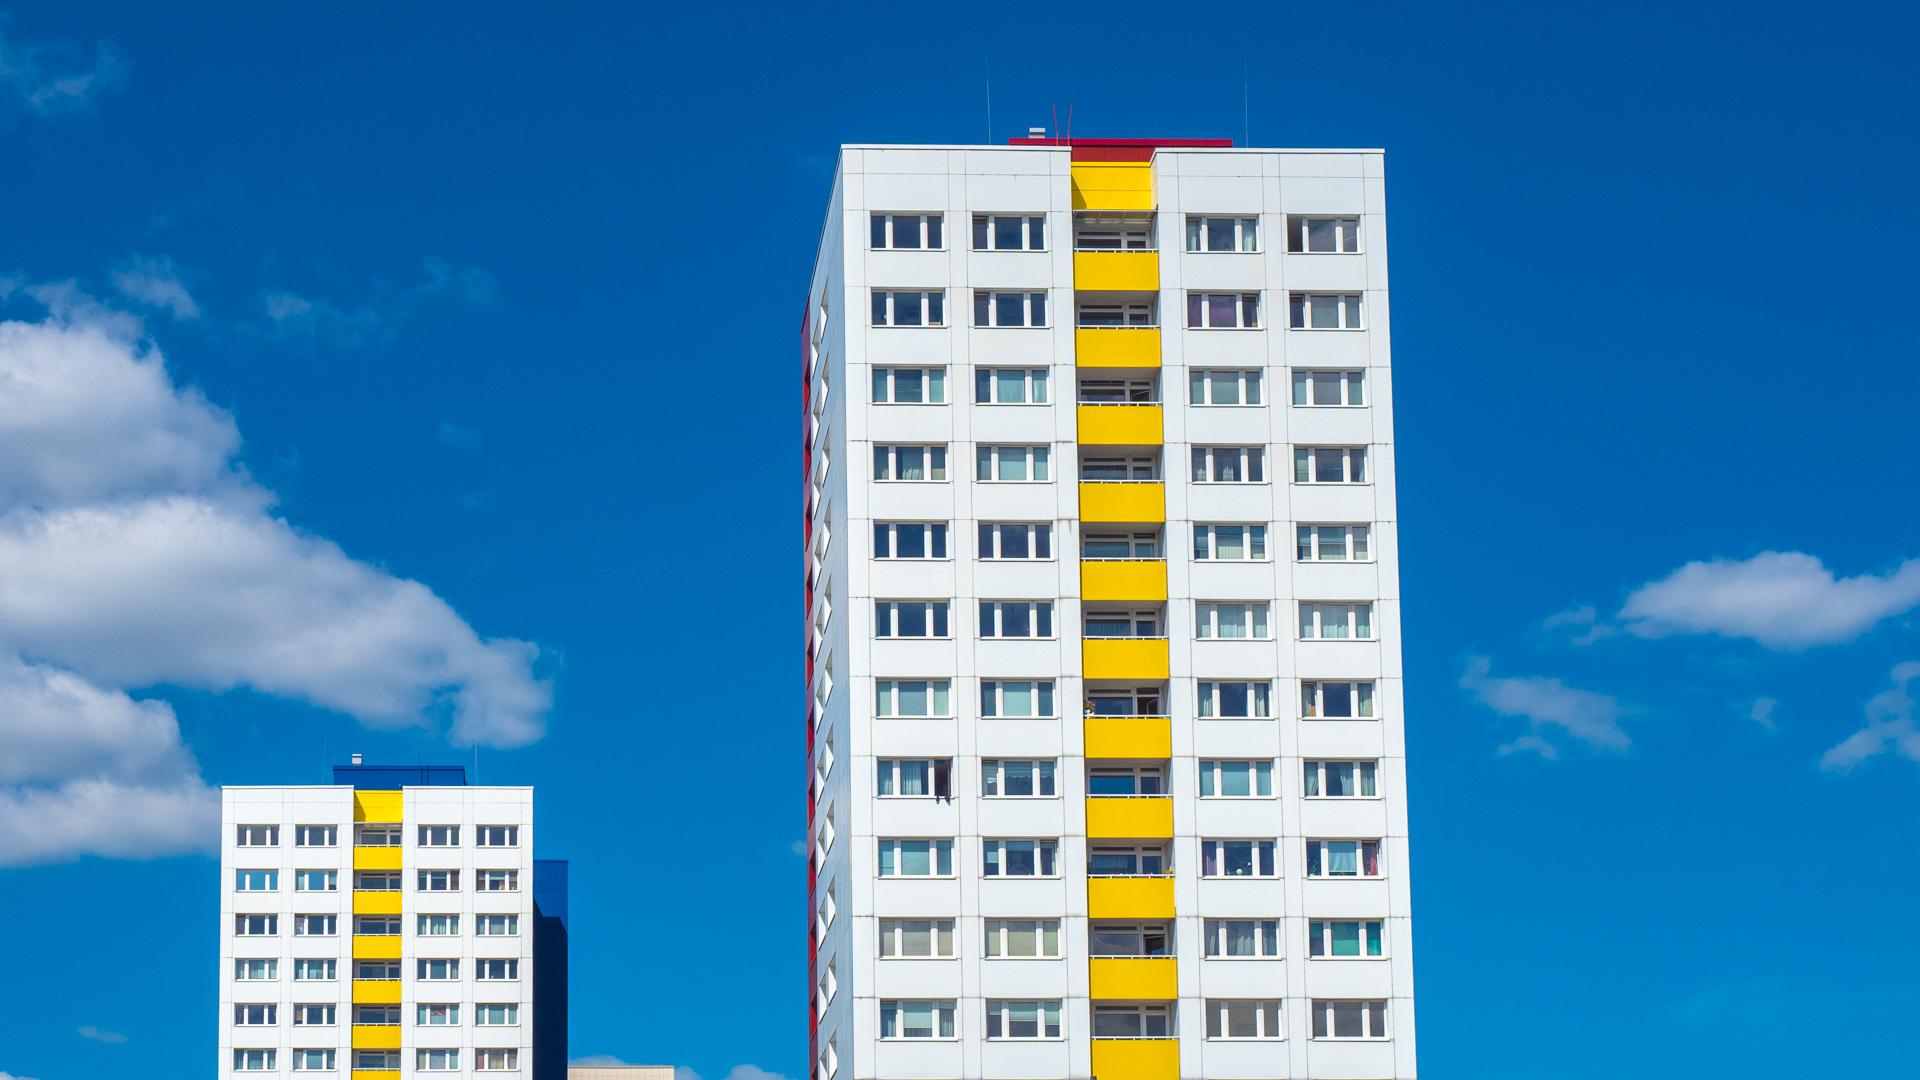 Hochhäuser an der Jannowitzbrücke in Berlin